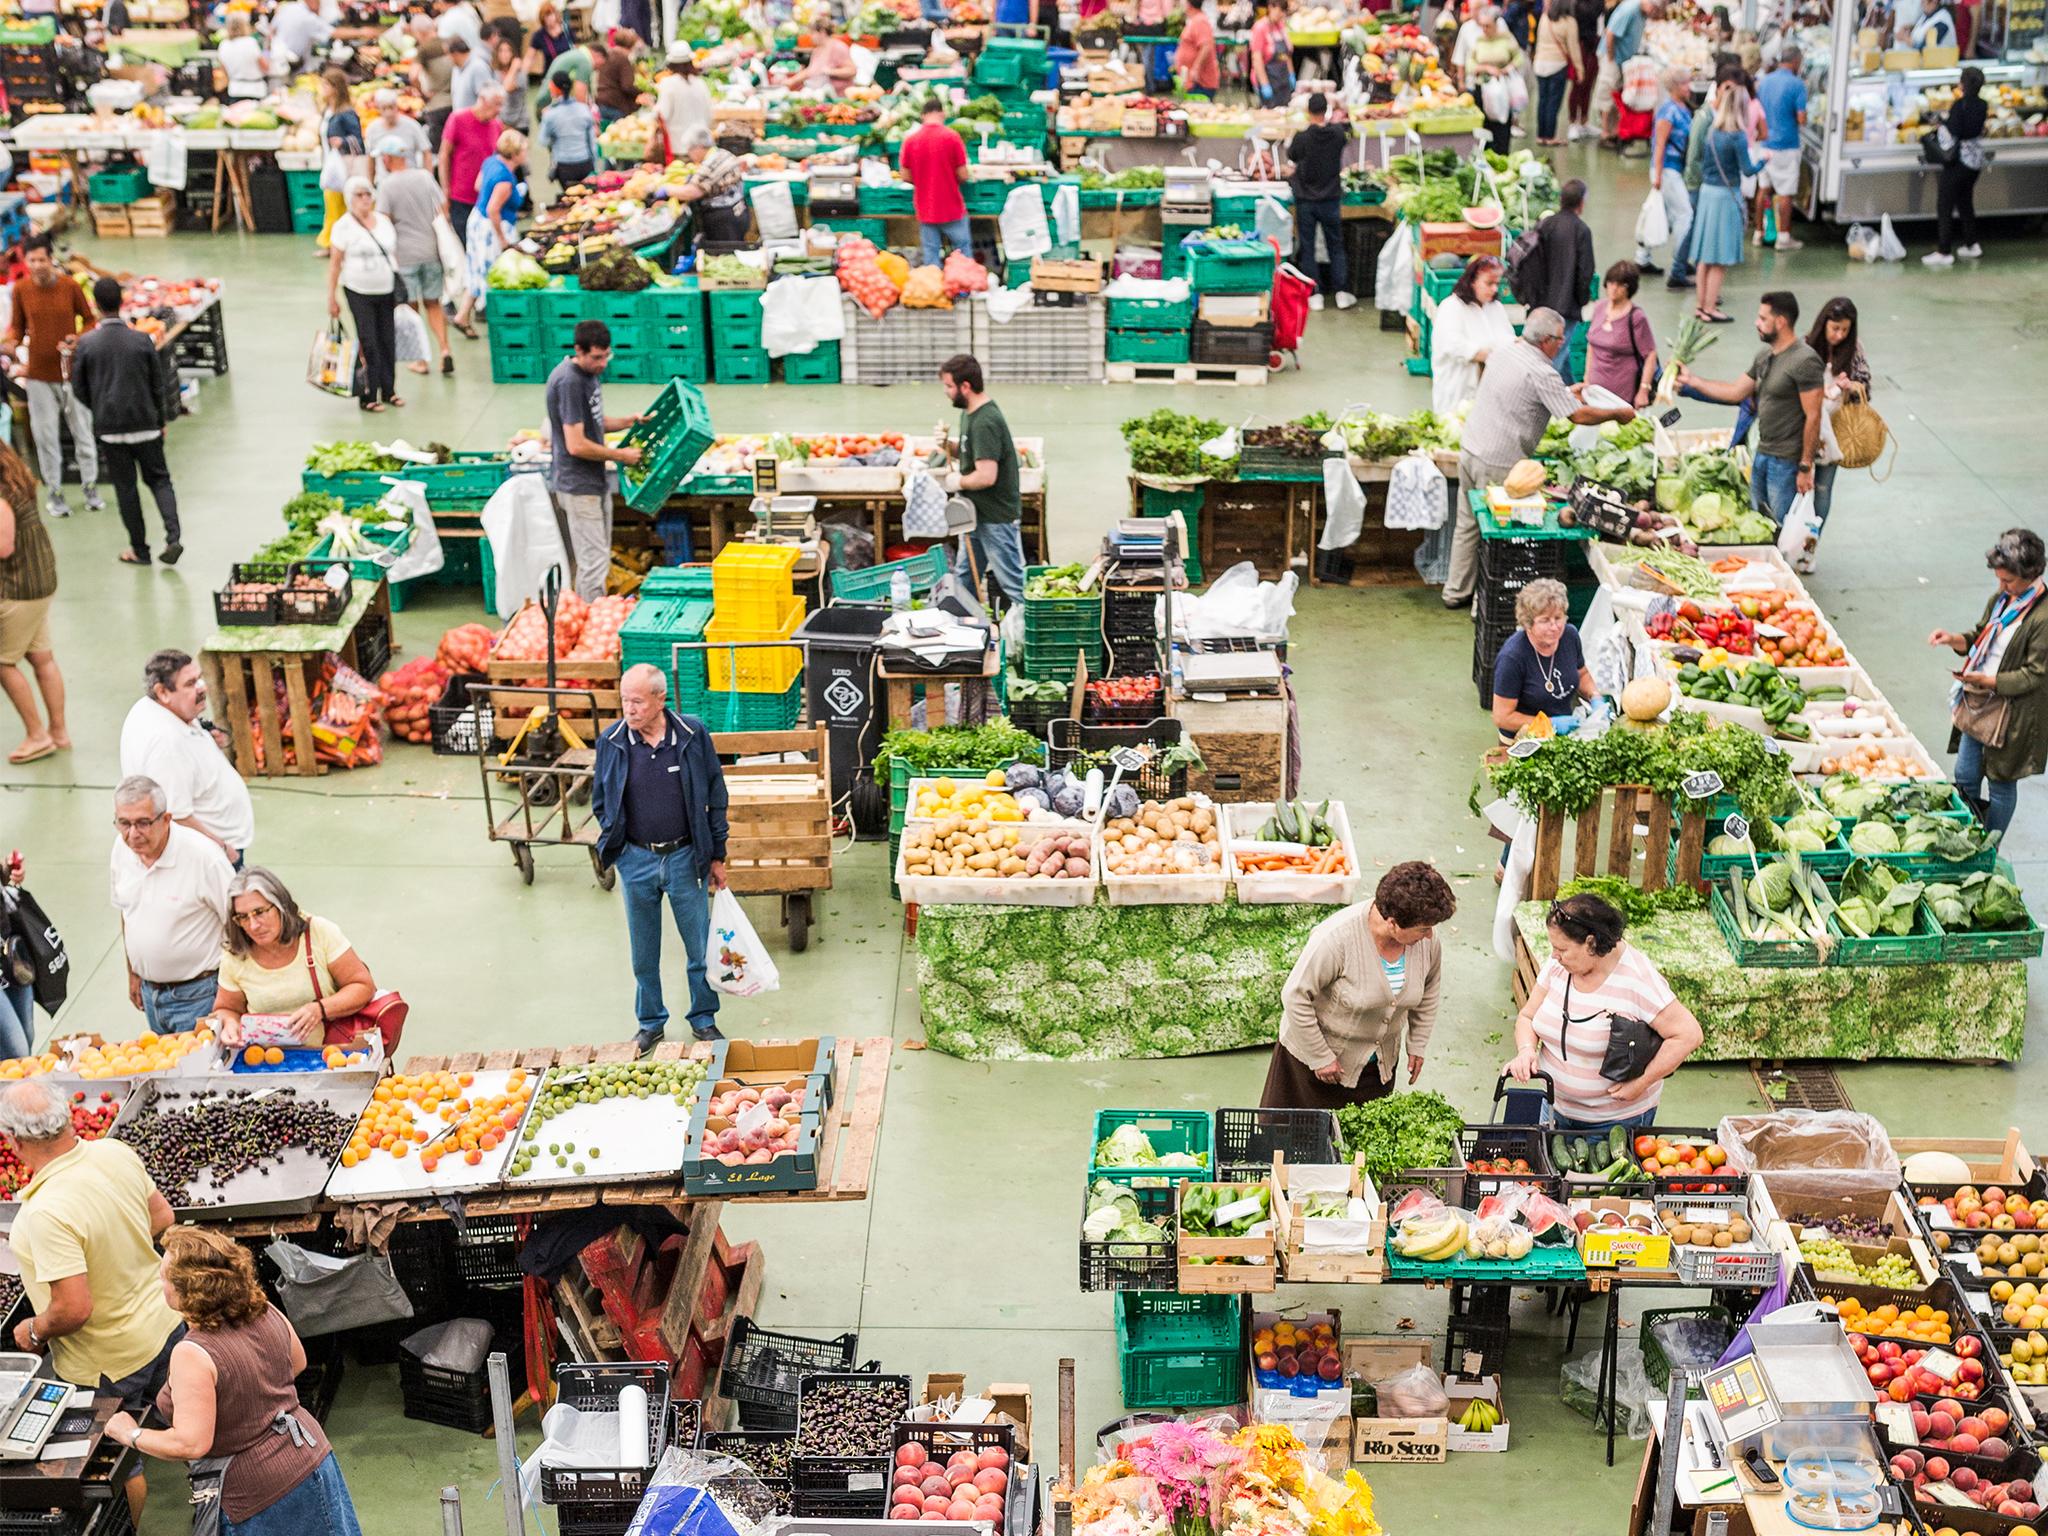 Mercado, Frescos, Mercado da Vila, Cascais